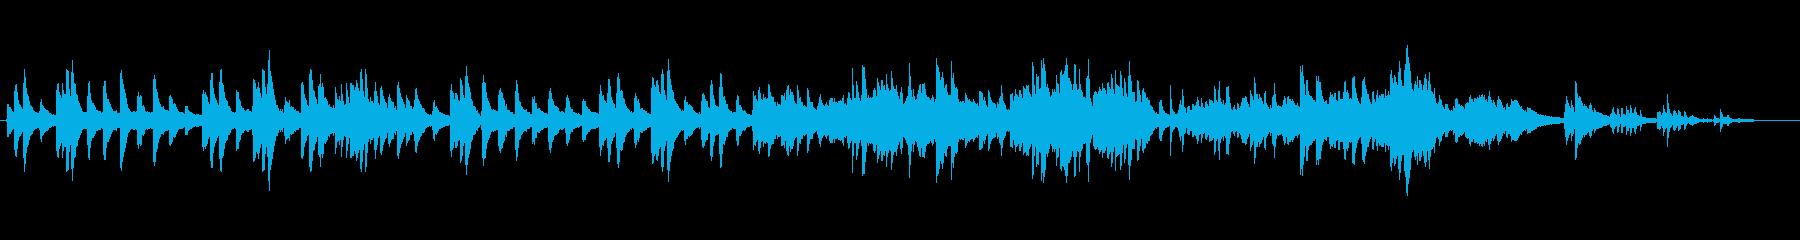 アメイジンググレイスを生ピアノの響きでの再生済みの波形